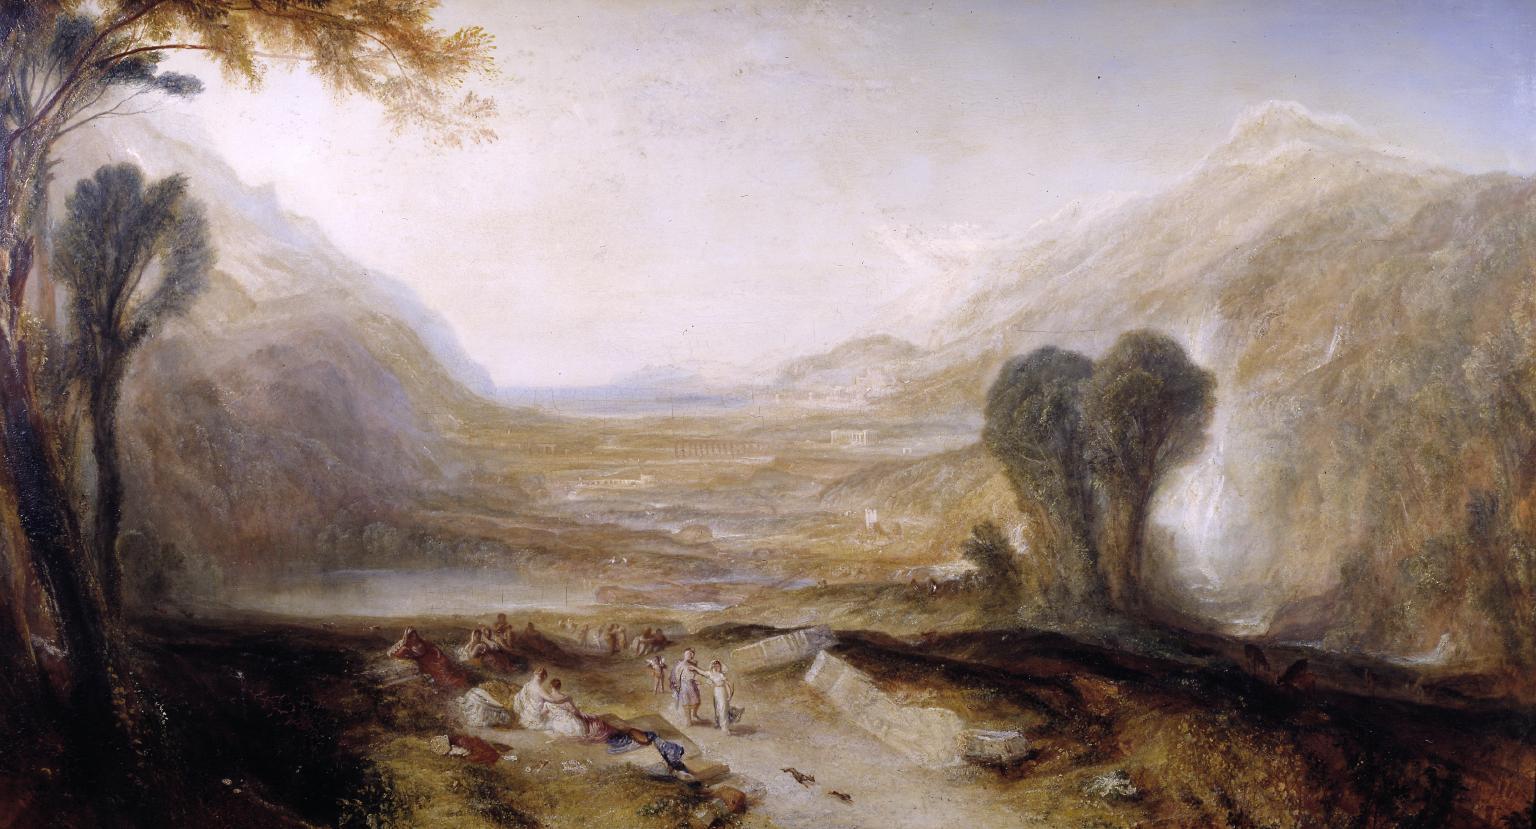 Il viaggio ai tempi di Turner